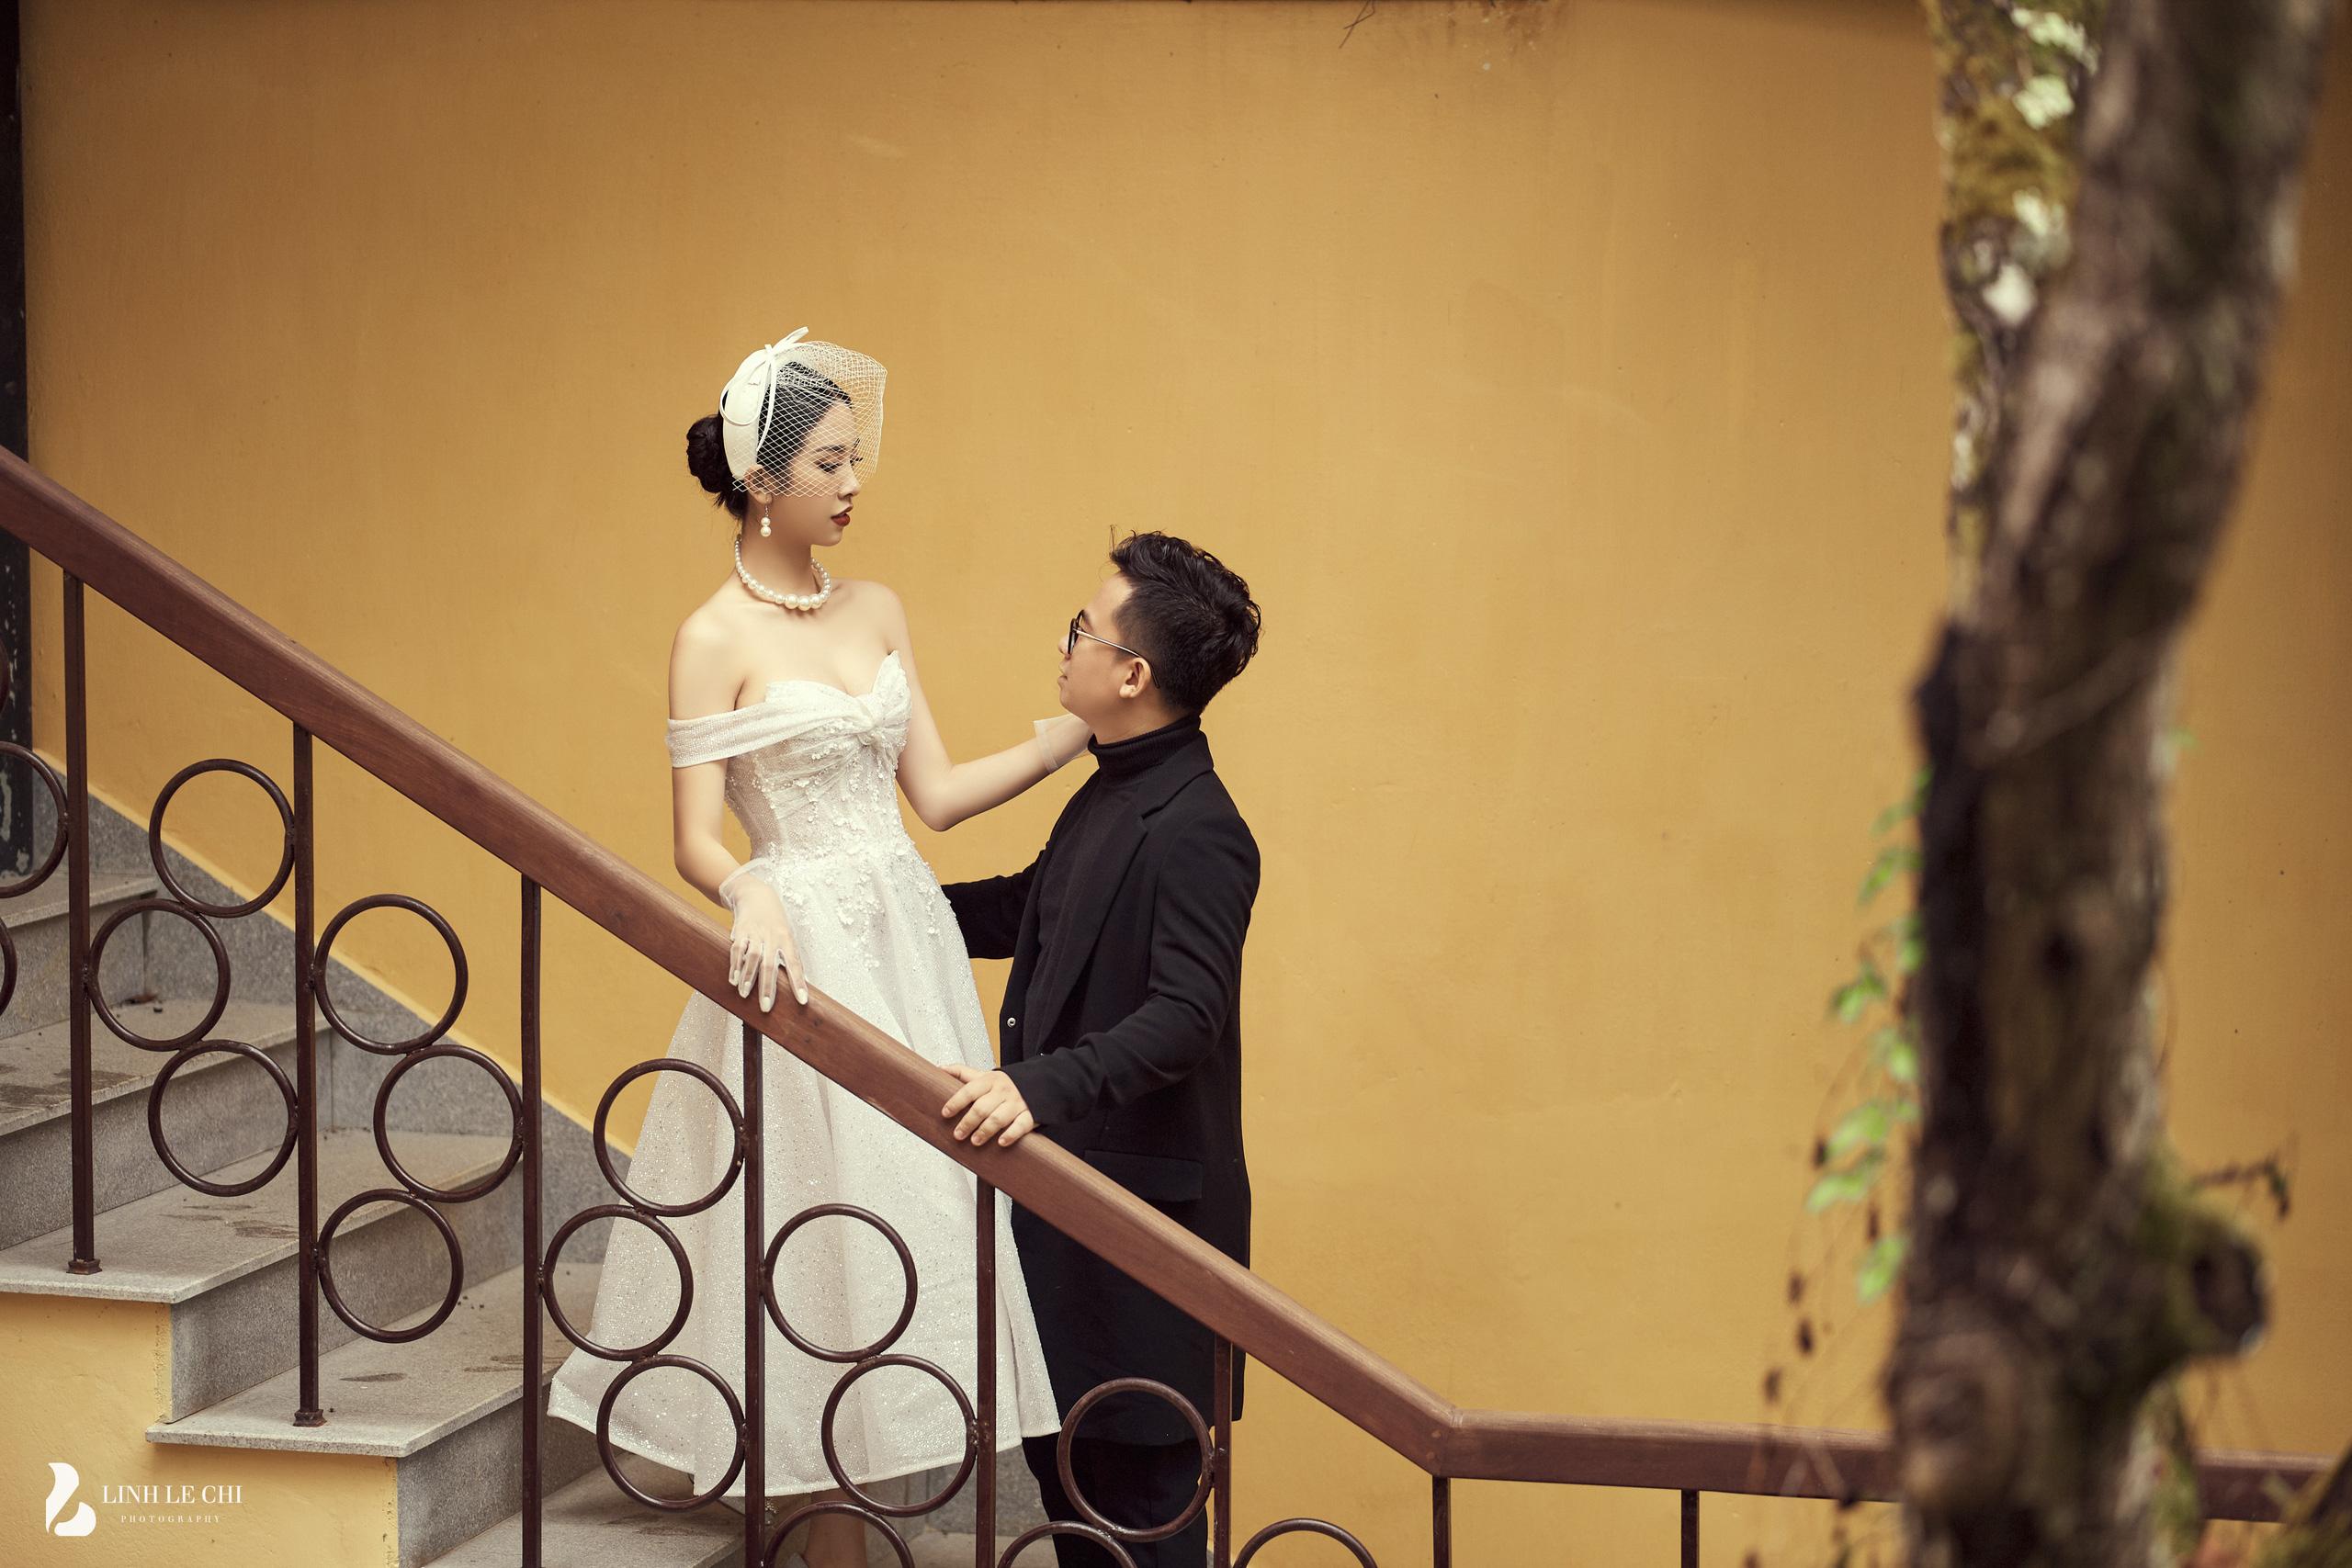 Ngắm bộ ảnh cưới của Á Hậu Thúy An và bạn trai hơn 10 tuổi: Cô dâu cực thần thái sang chảnh, chú rể điển trai phong độ - Ảnh 3.